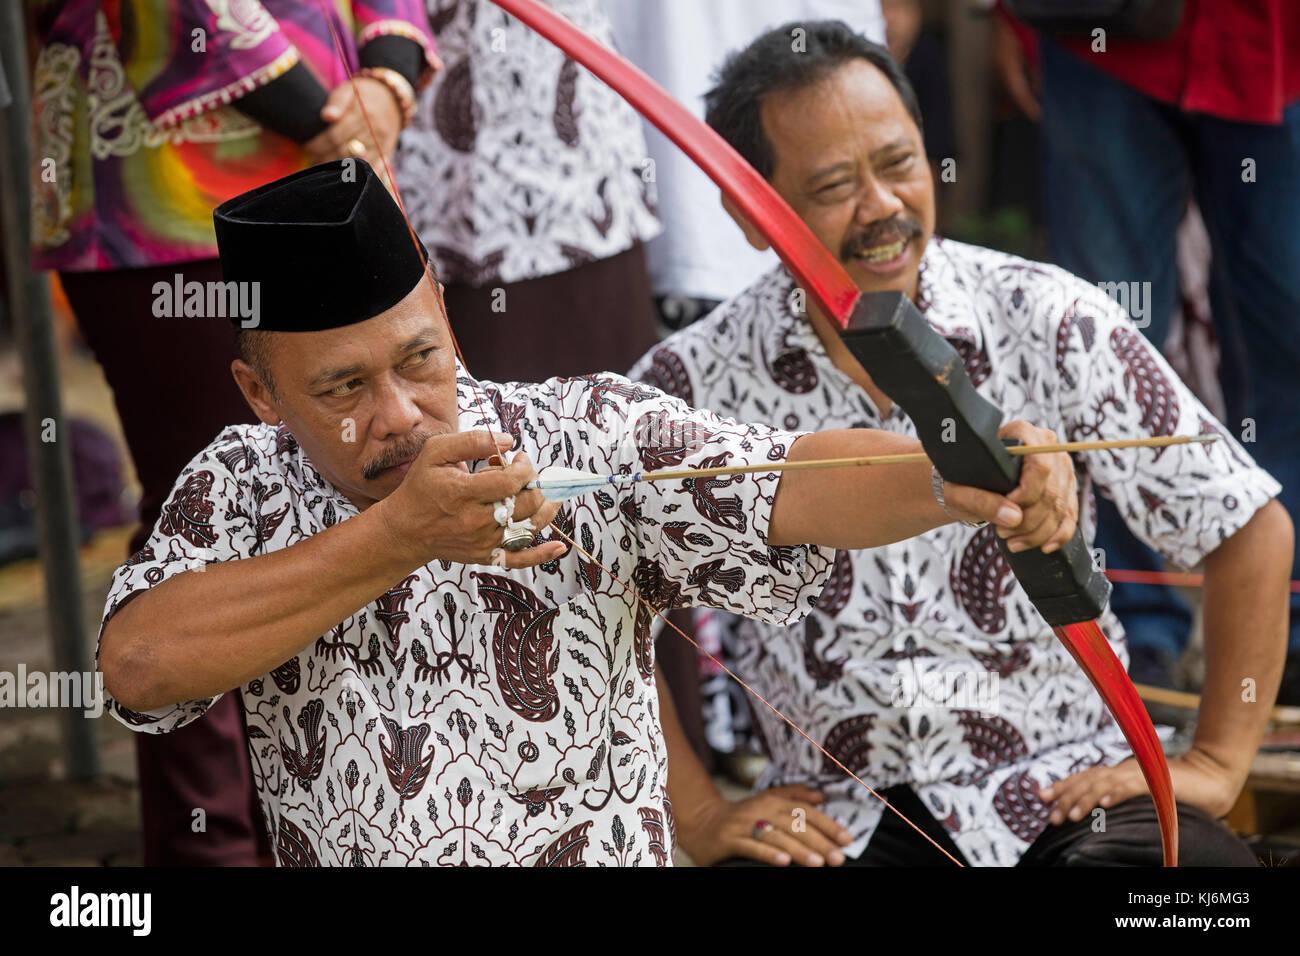 Bürgermeister der Stadt Yogyakarta üben jemparingan/traditionellen javanischen Bogenschießen Mit Stockbild